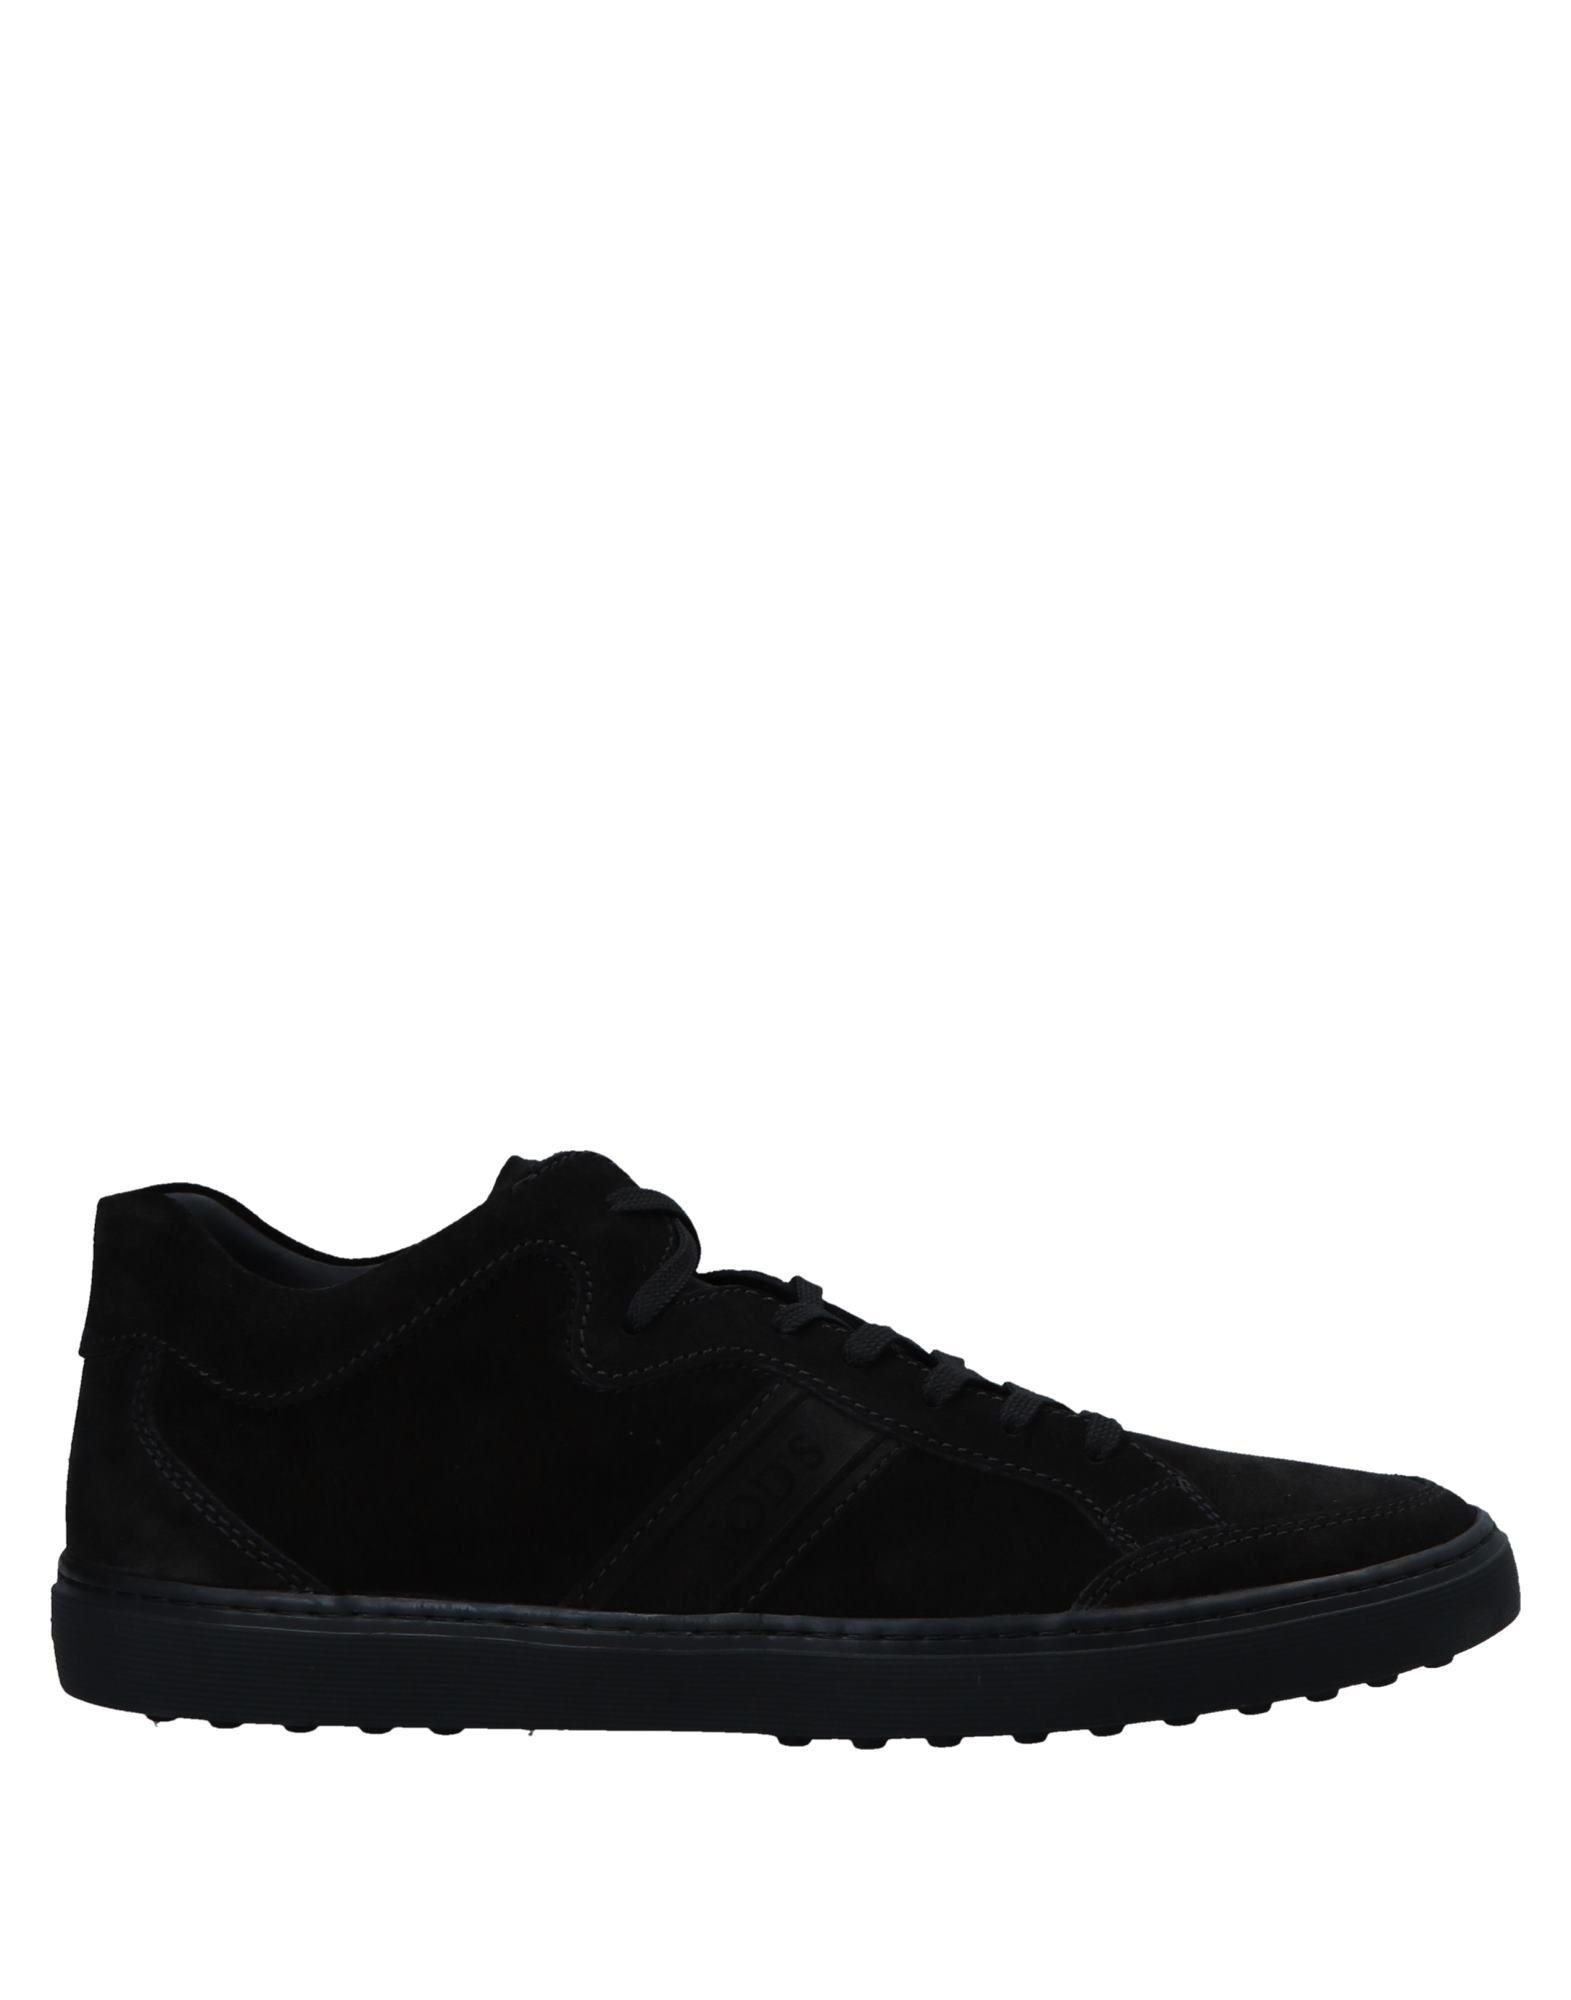 Tod's Sneakers Herren  11548362PR Gute Qualität beliebte Schuhe